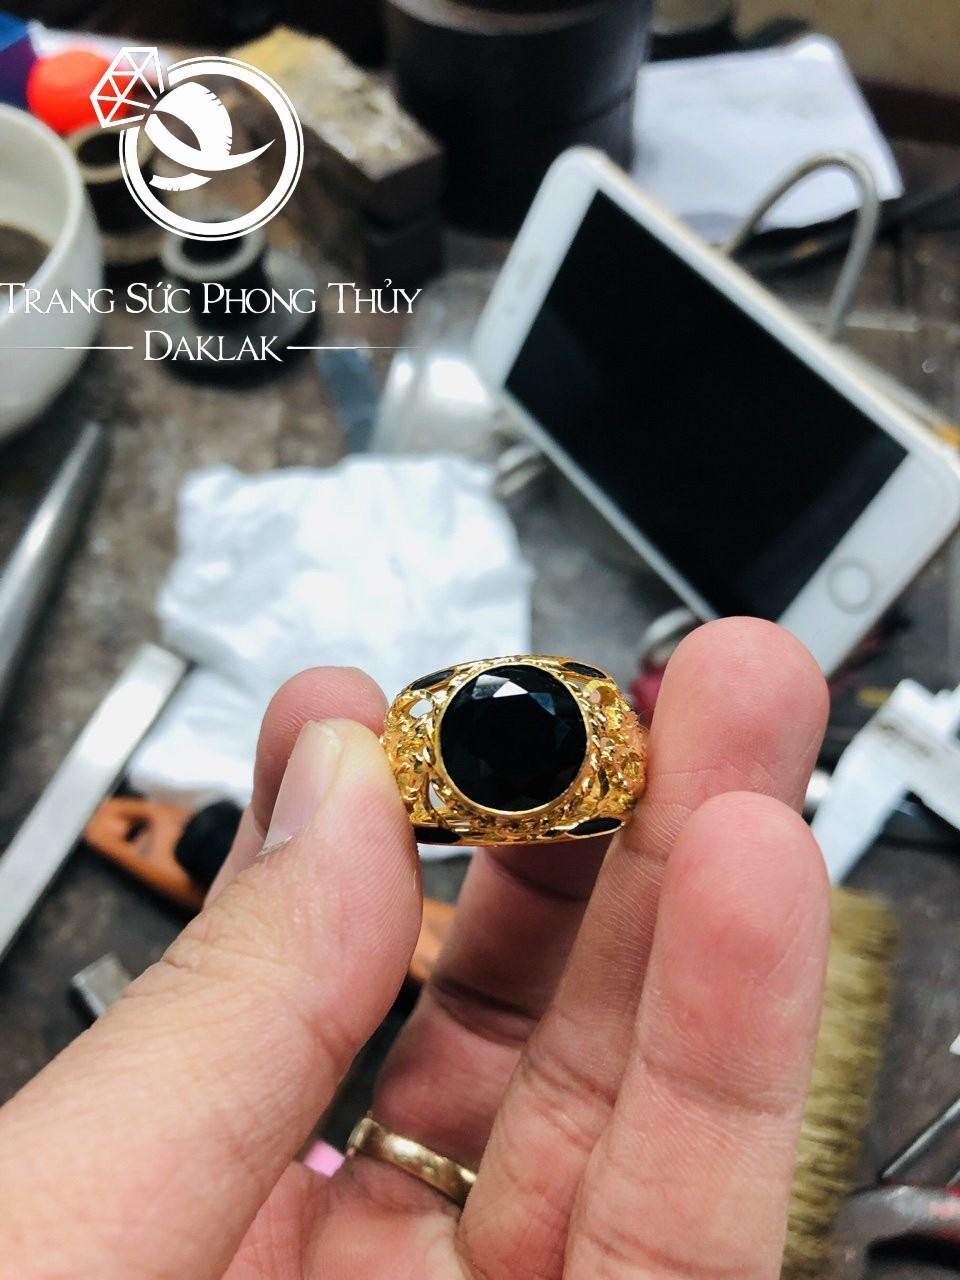 Nhẫn lông voi vàng may mắn song long tranh châu đen đẹp